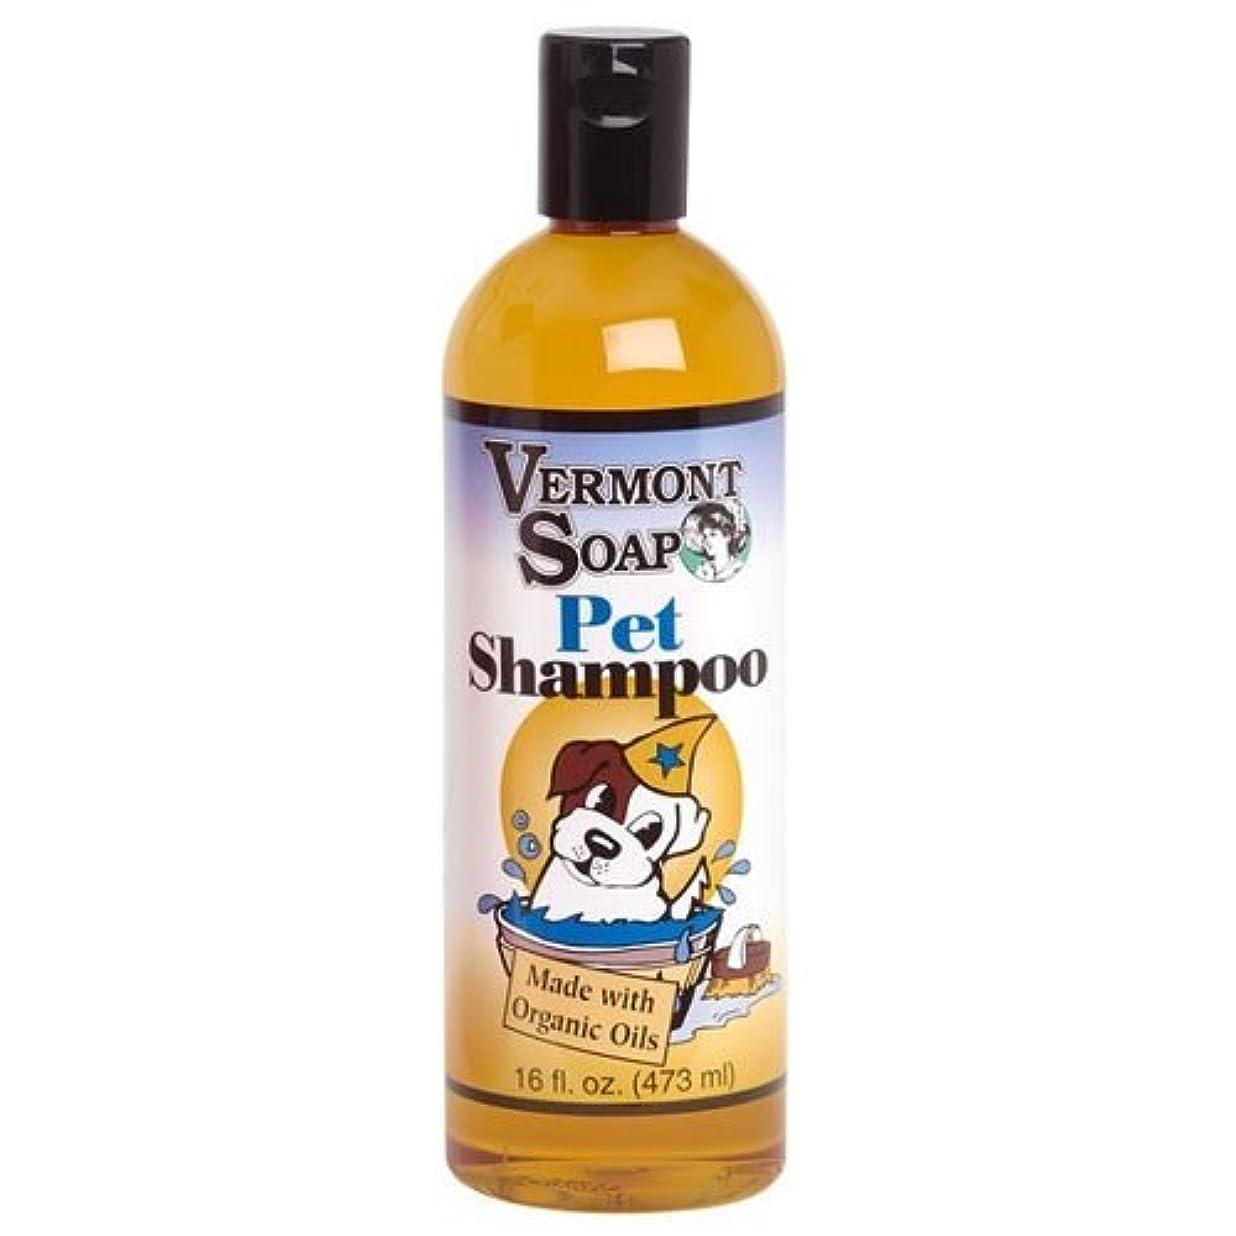 目立つ火薬コントラストバーモントソープ オーガニック ペットシャンプー Pet Shampoo